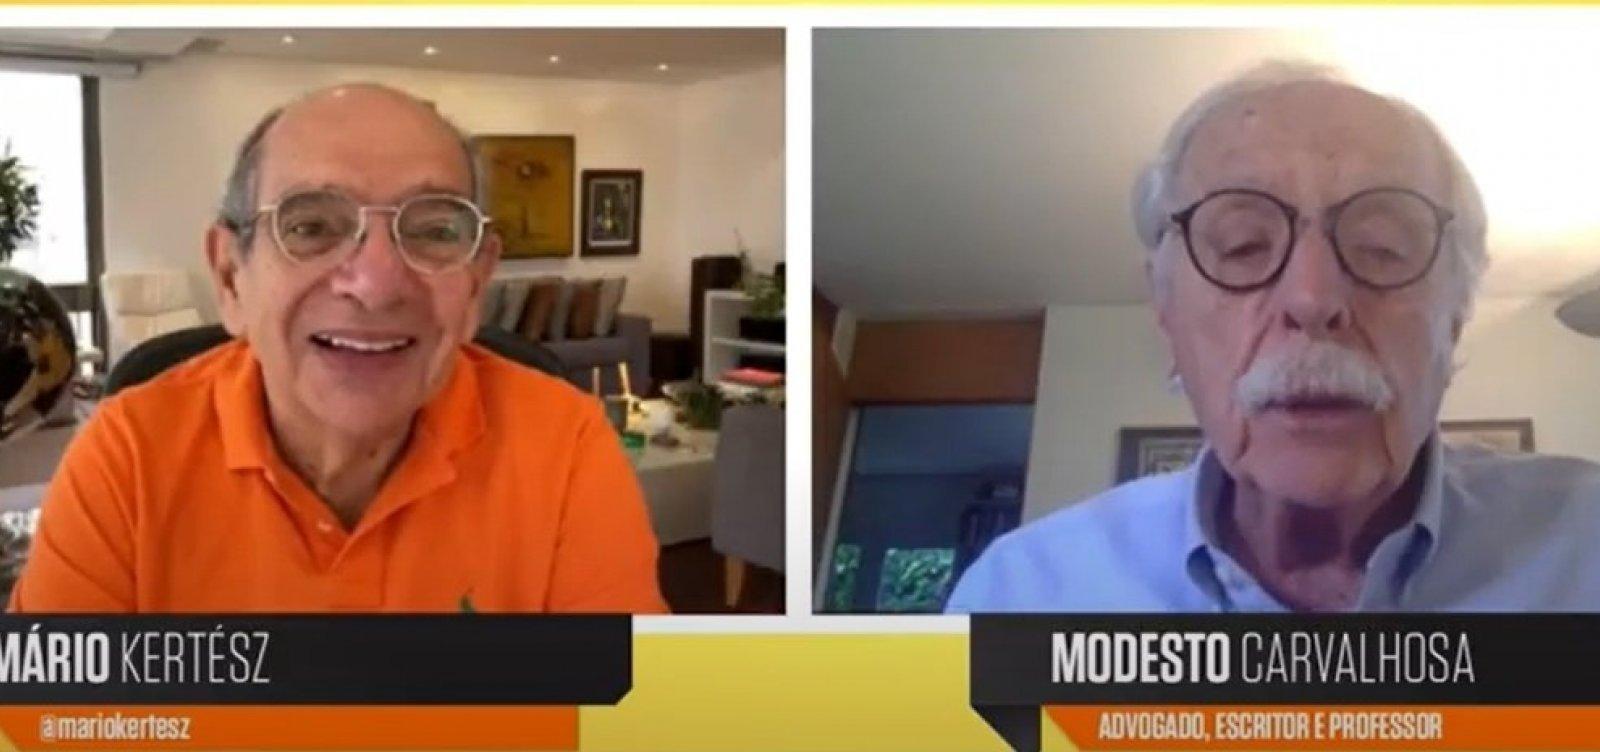 """""""Precisamos de uma nova constituição para o Brasil"""", diz Modesto Carvalhosa"""